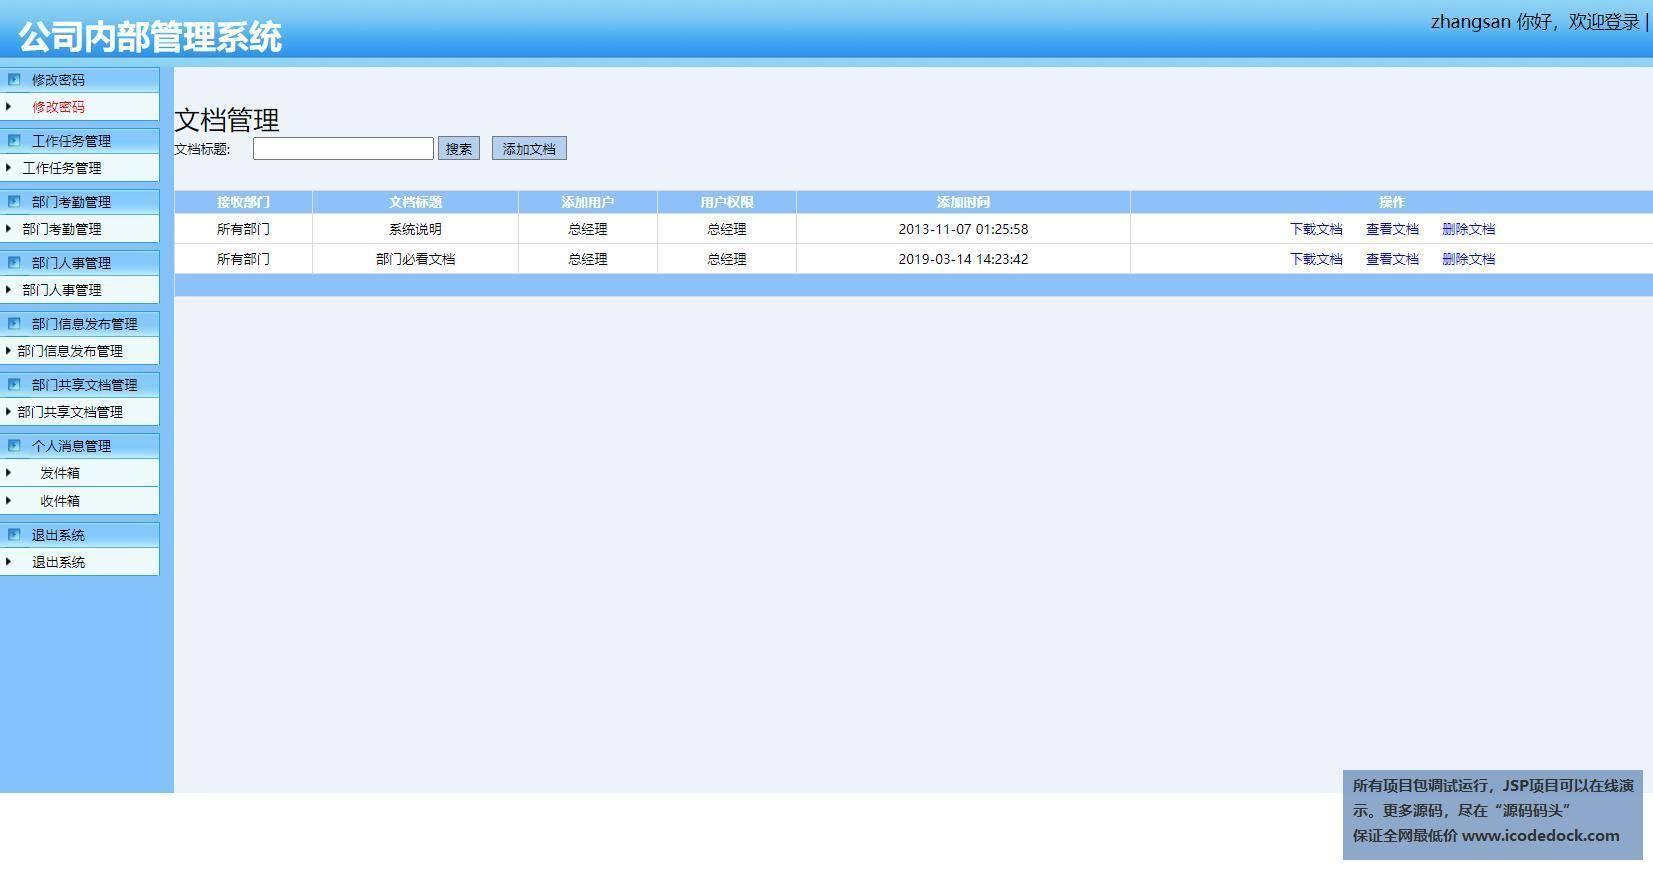 源码码头-SSH公司内部办公自动化管理系统-部门经理角色-部门文档管理